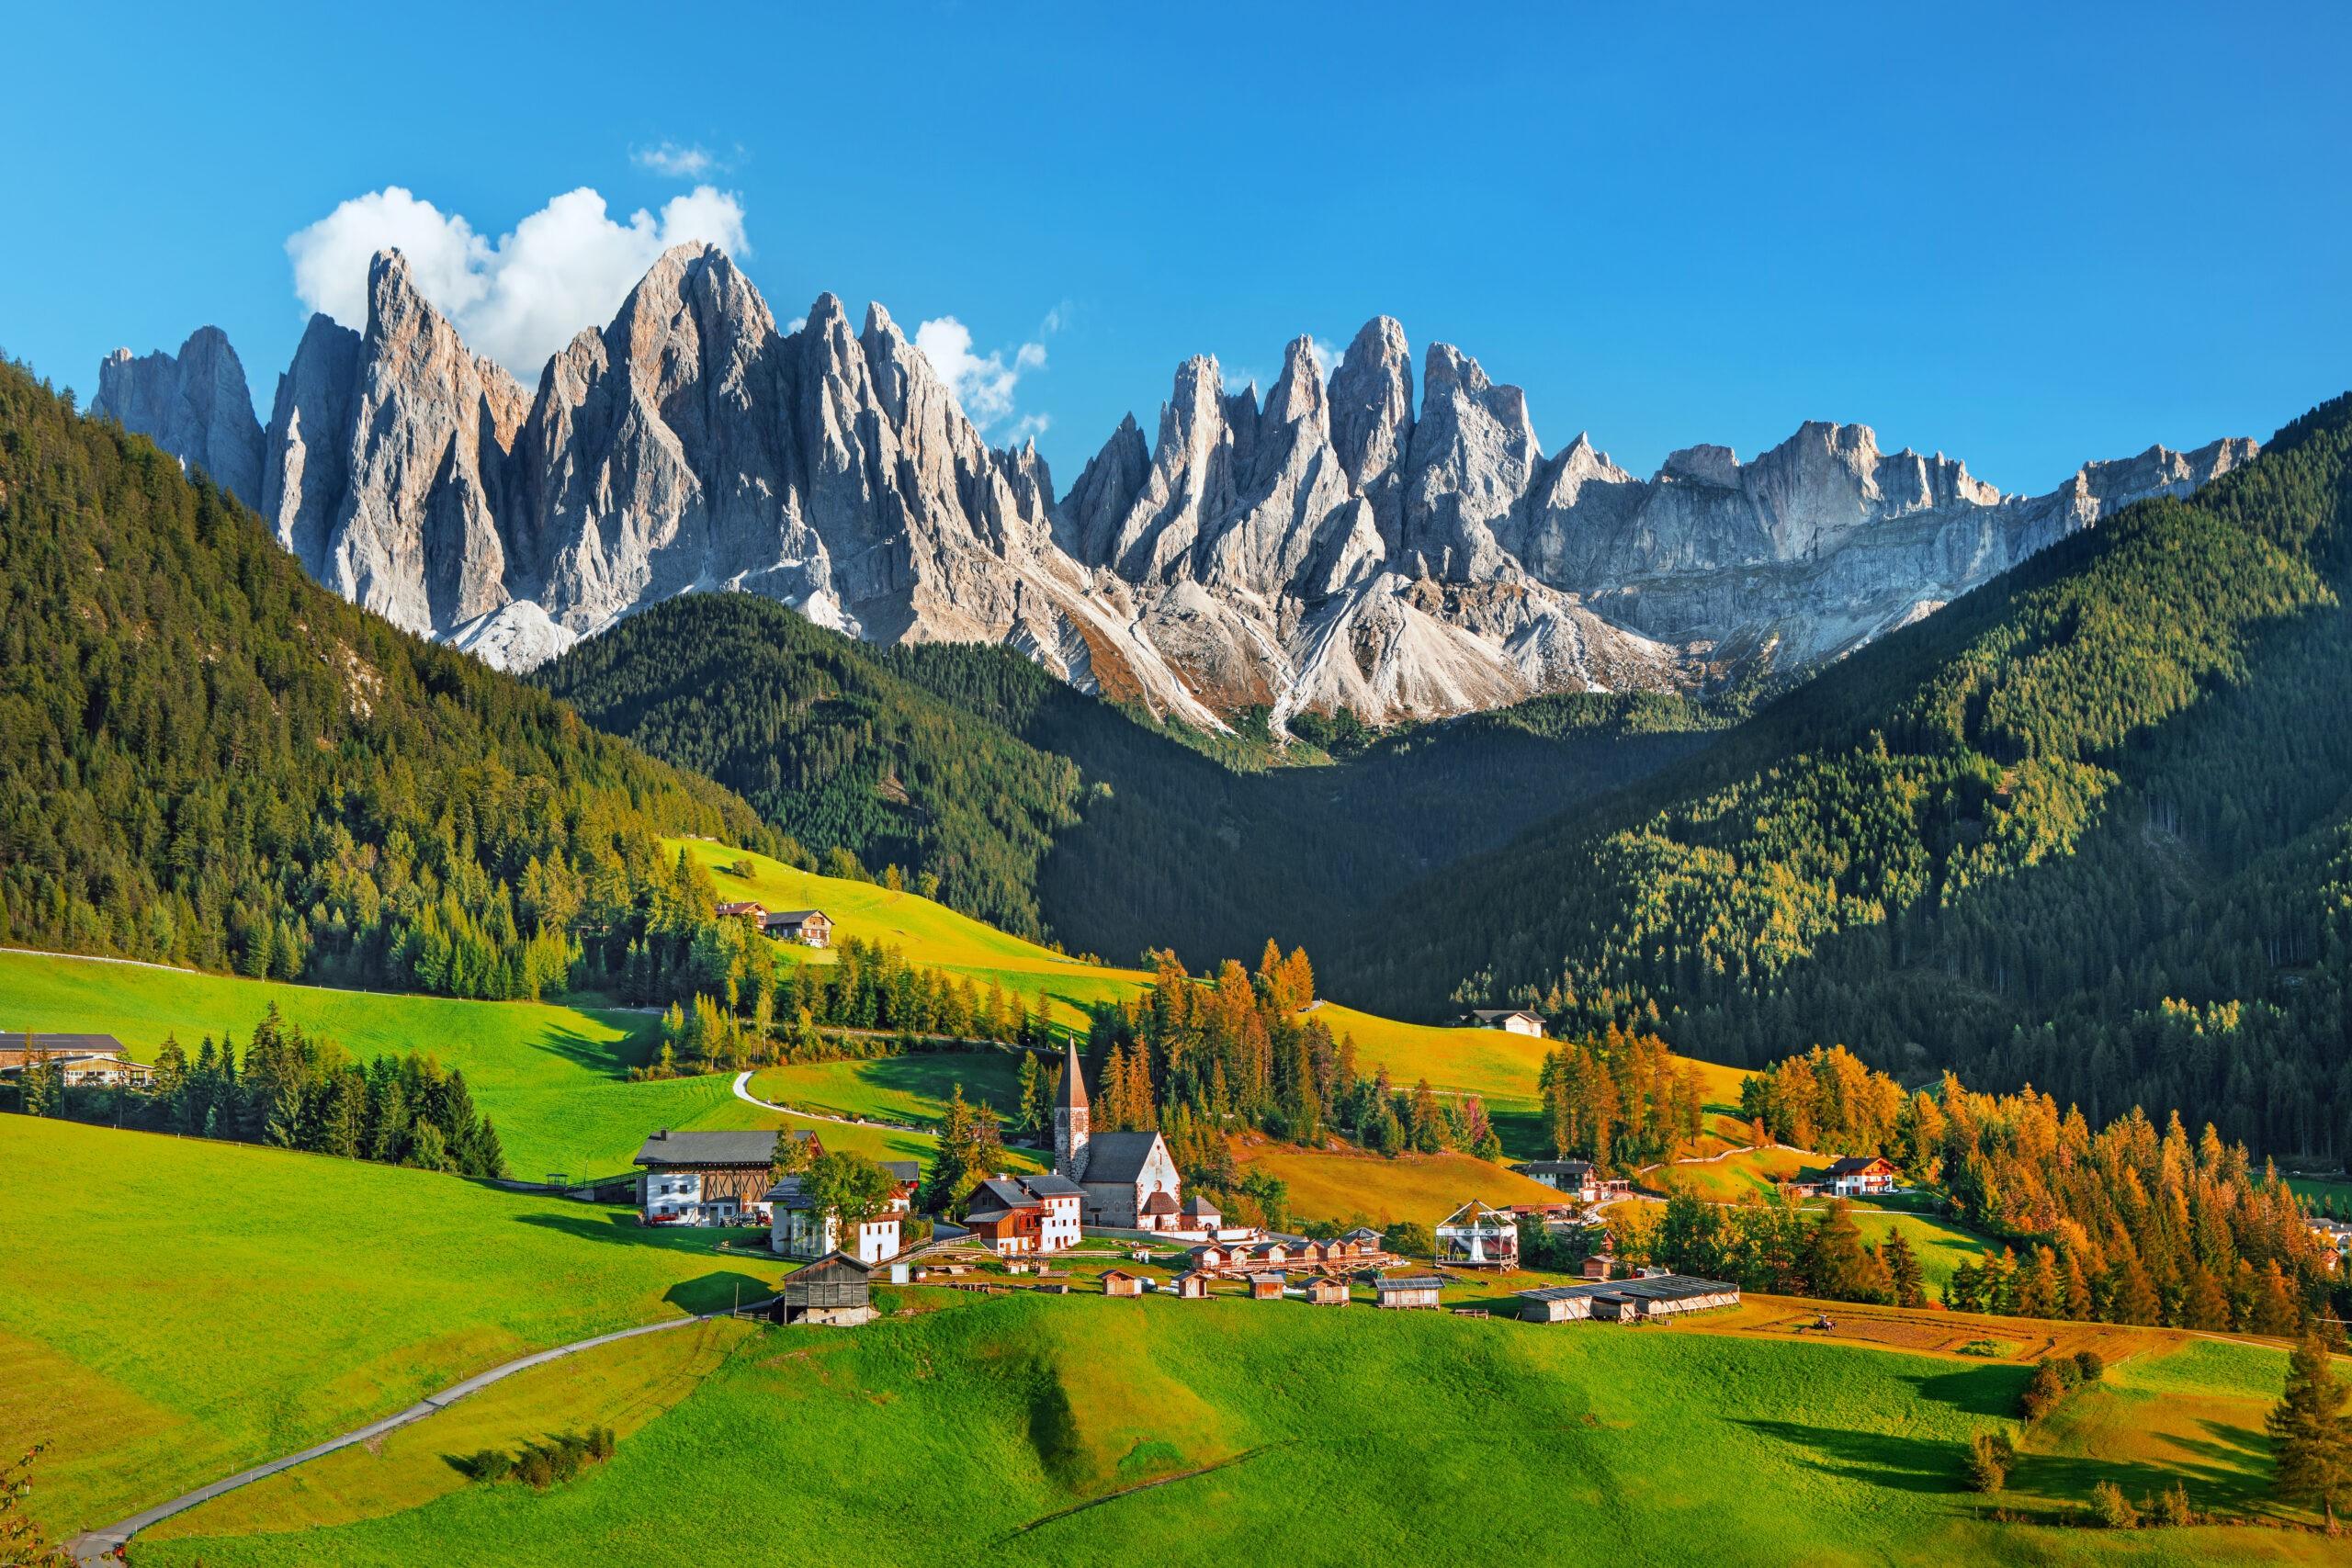 Wakacje w Dolomitach, lato, Włochy